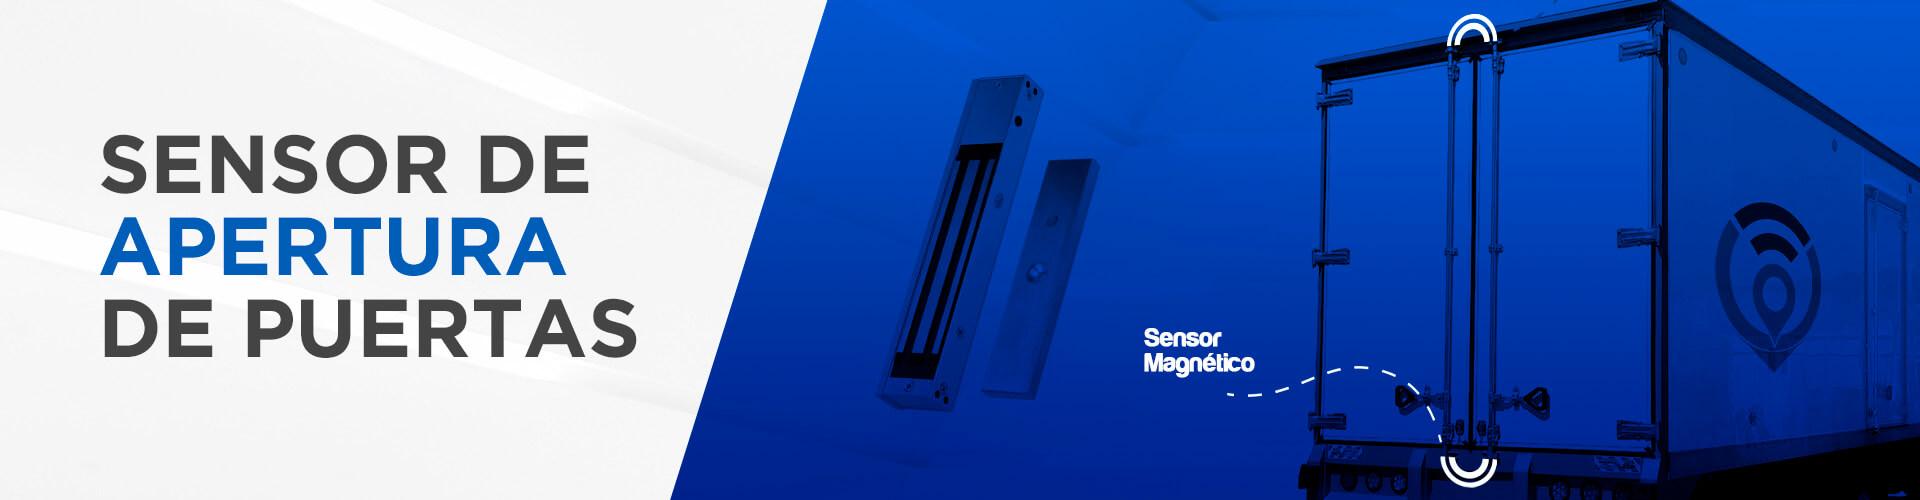 telematica-sensor-apertura-de-puertas